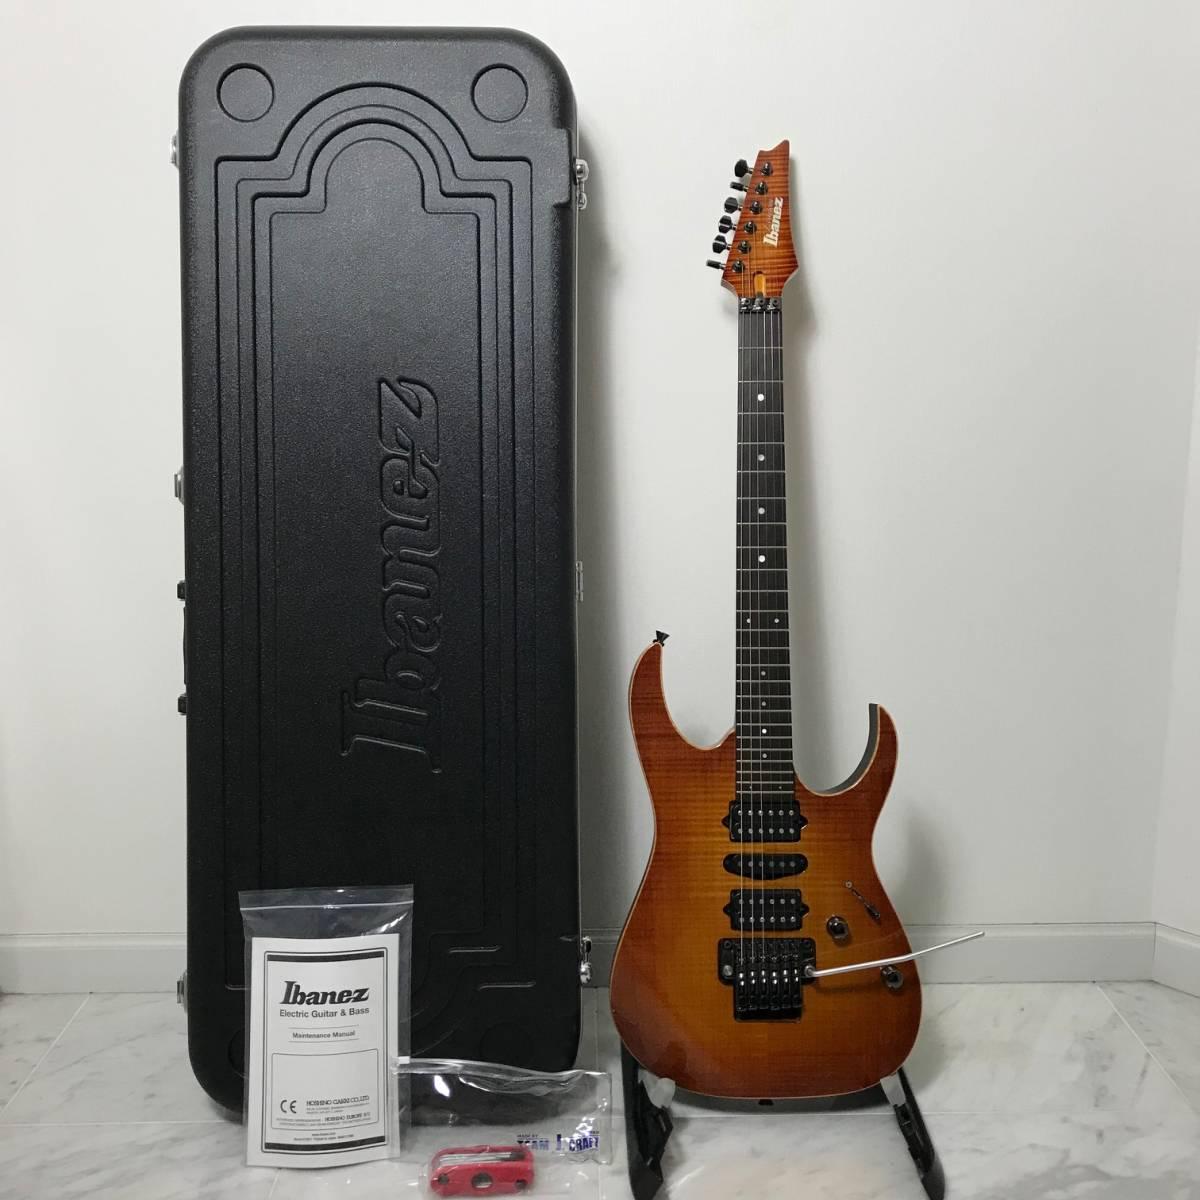 希少 美品 Ibanez J.custom RG7570Z Bright Brown Rutile 付属品 専用ハードケース付 日本製 アイバニーズ エレキギター GOTOHペグ 最高峰